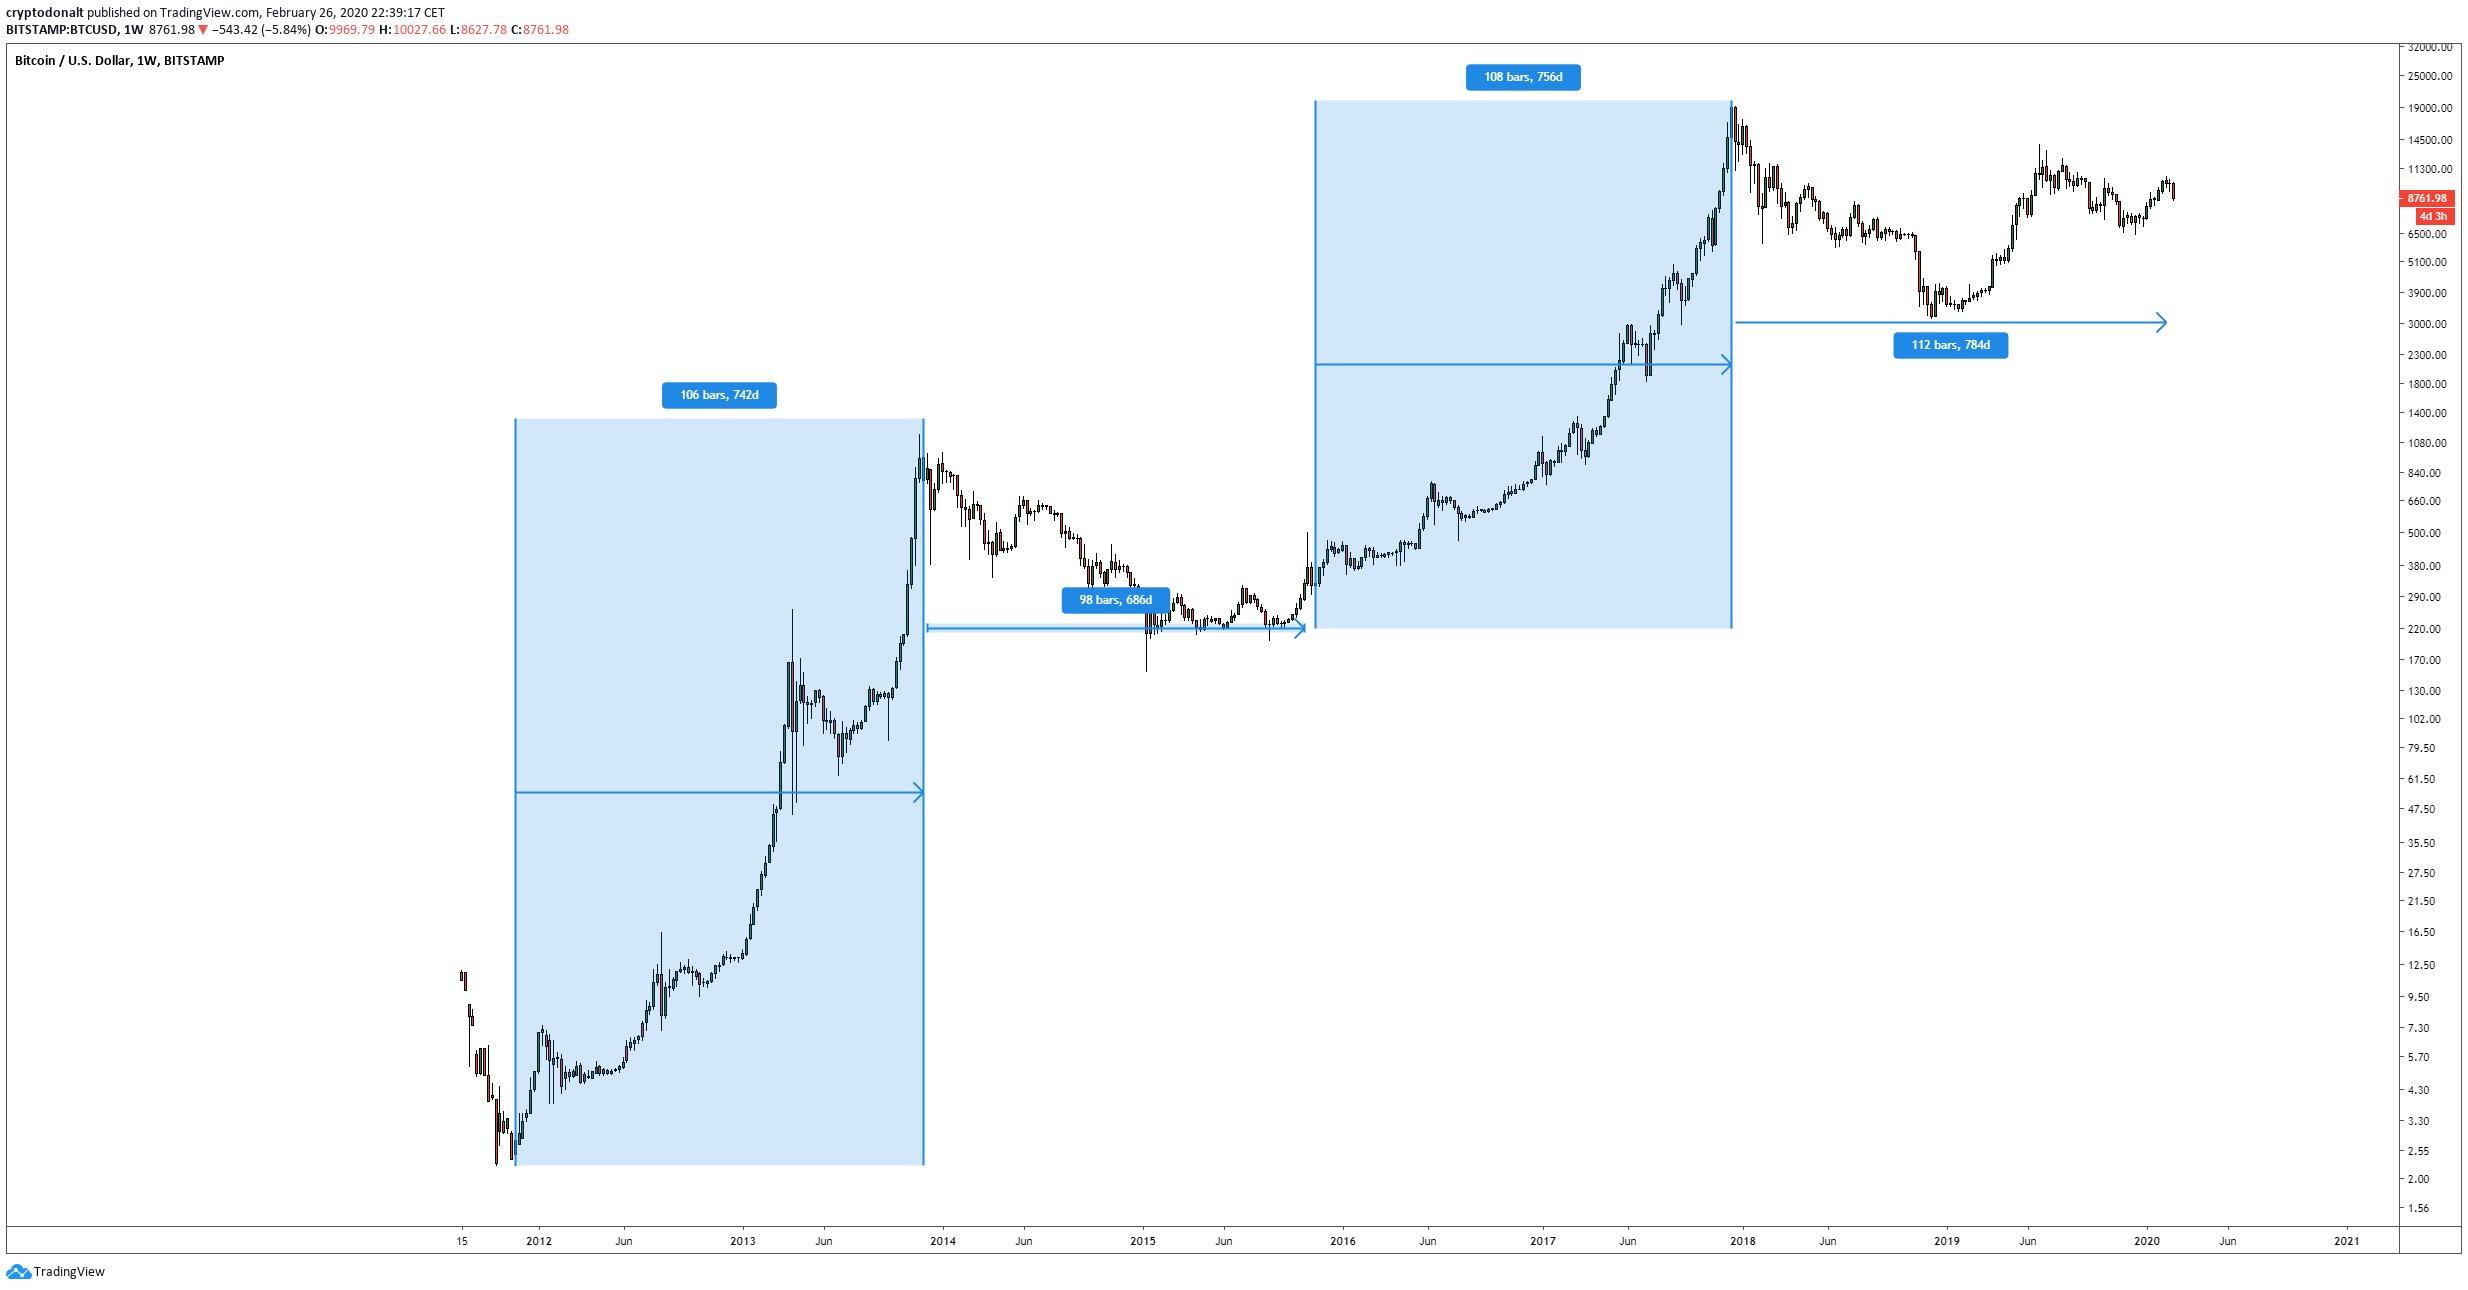 Аналитики прокомментировали текущее положение bitcoin